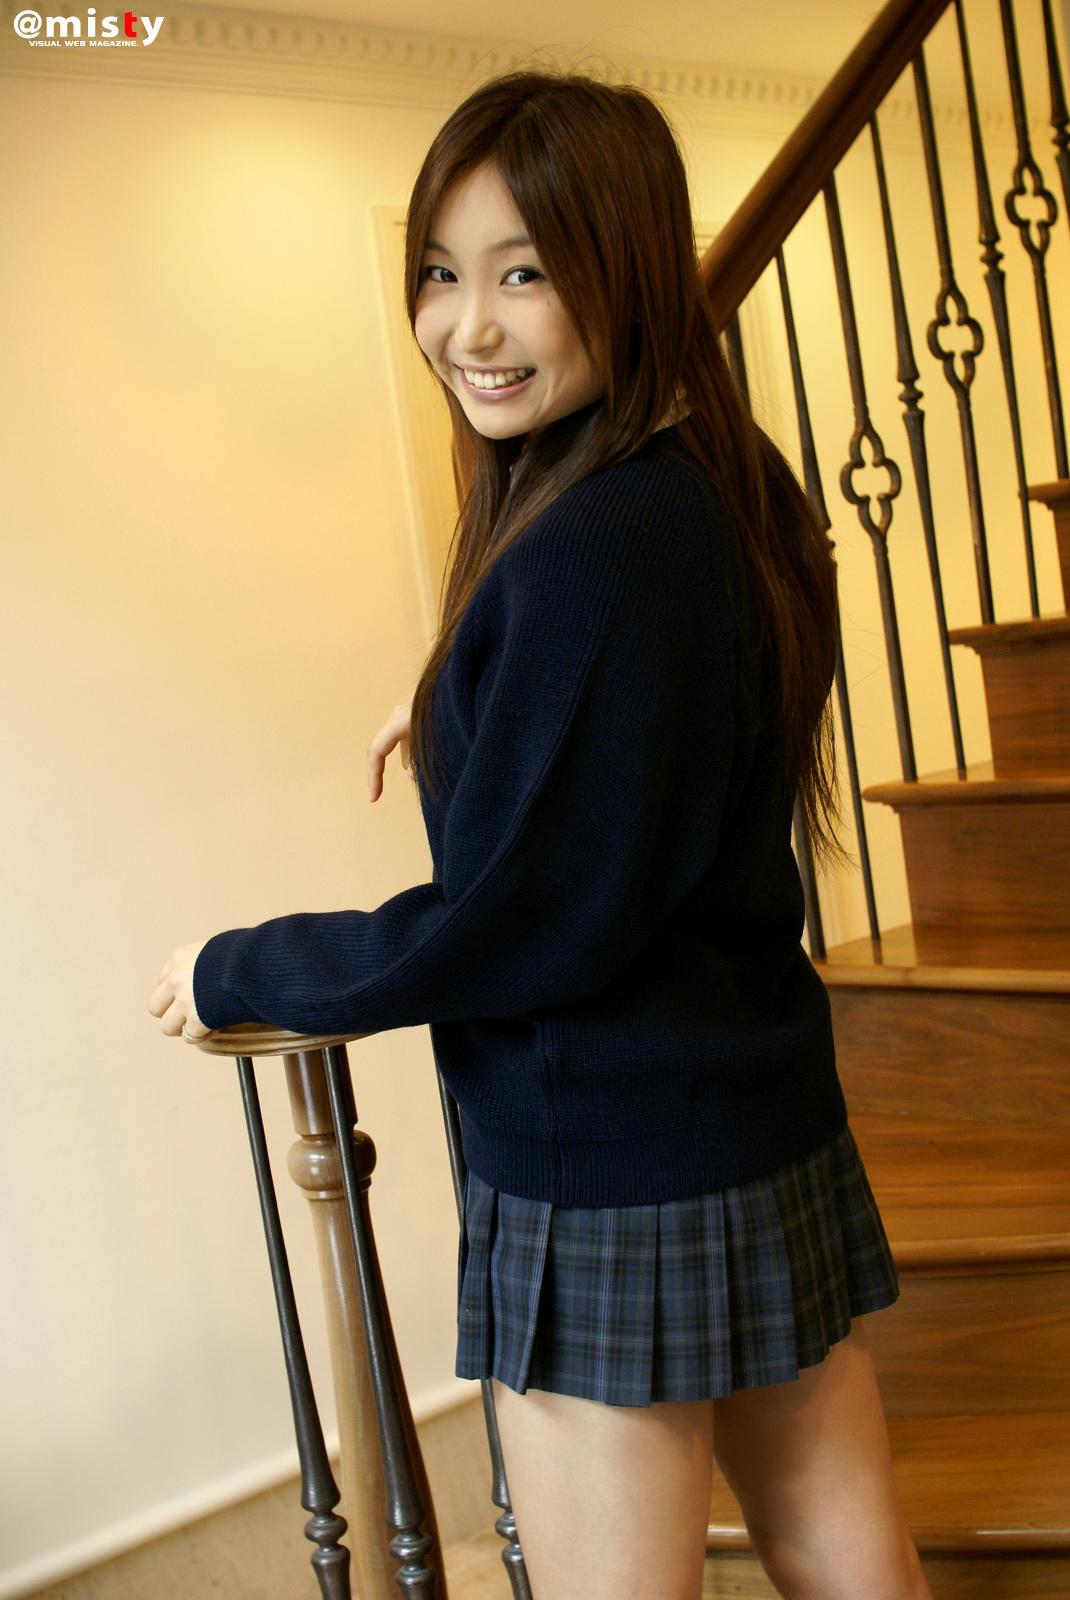 Sanokjiji Sexy Tokyo Teen Posing In School Uniform-4684